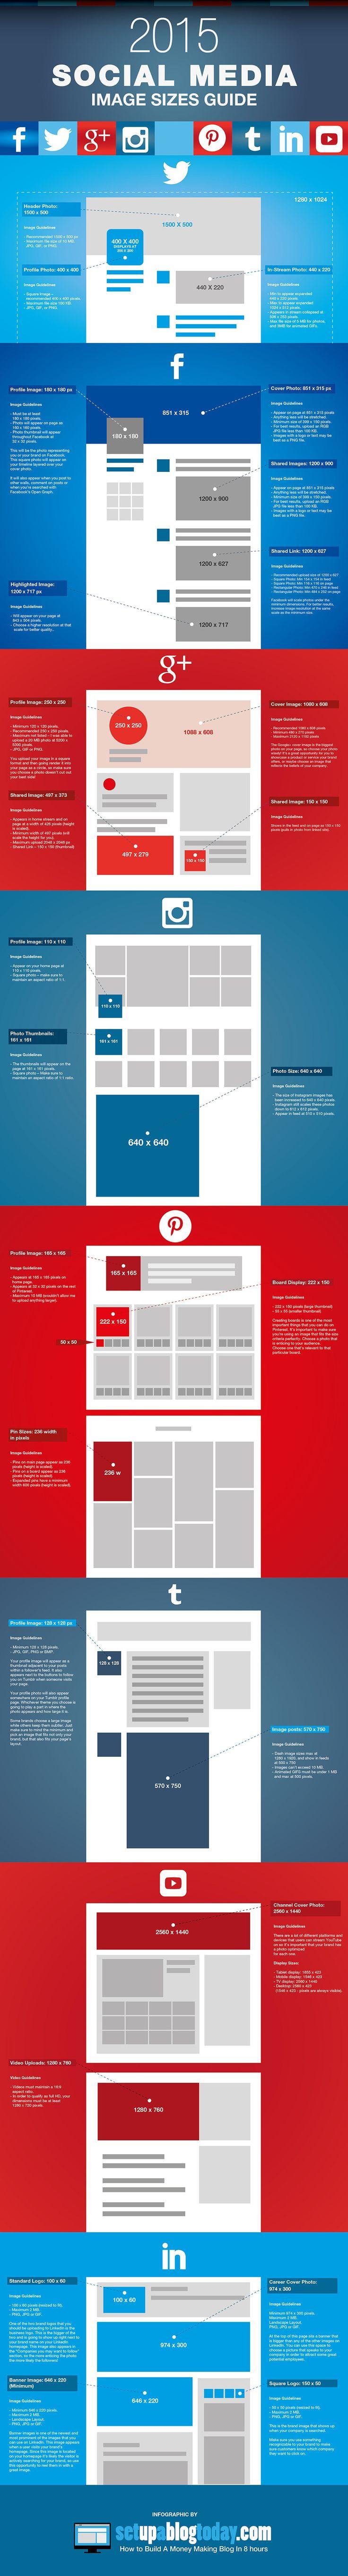 Infografía con los tamaños de las Redes Sociales